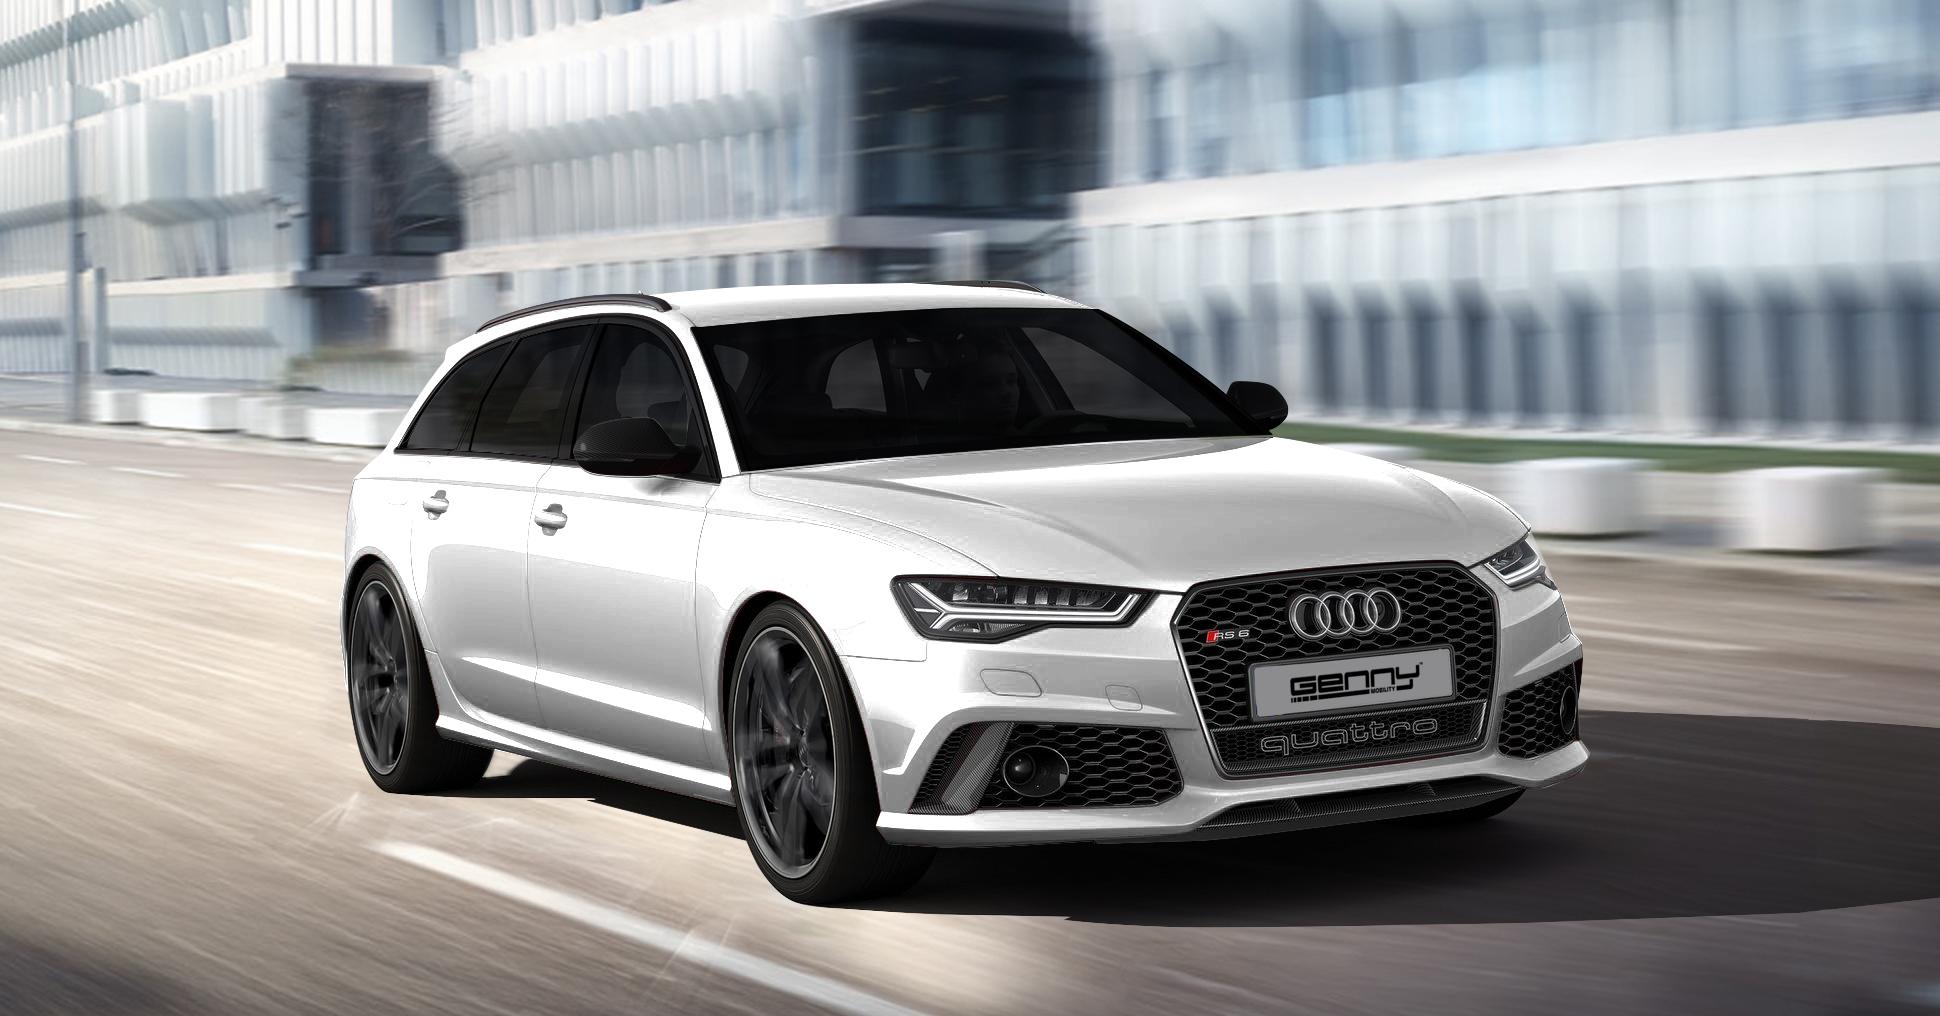 Audi RS6 prova  comando acceleratore satellitare wireless Fadiel AC2002